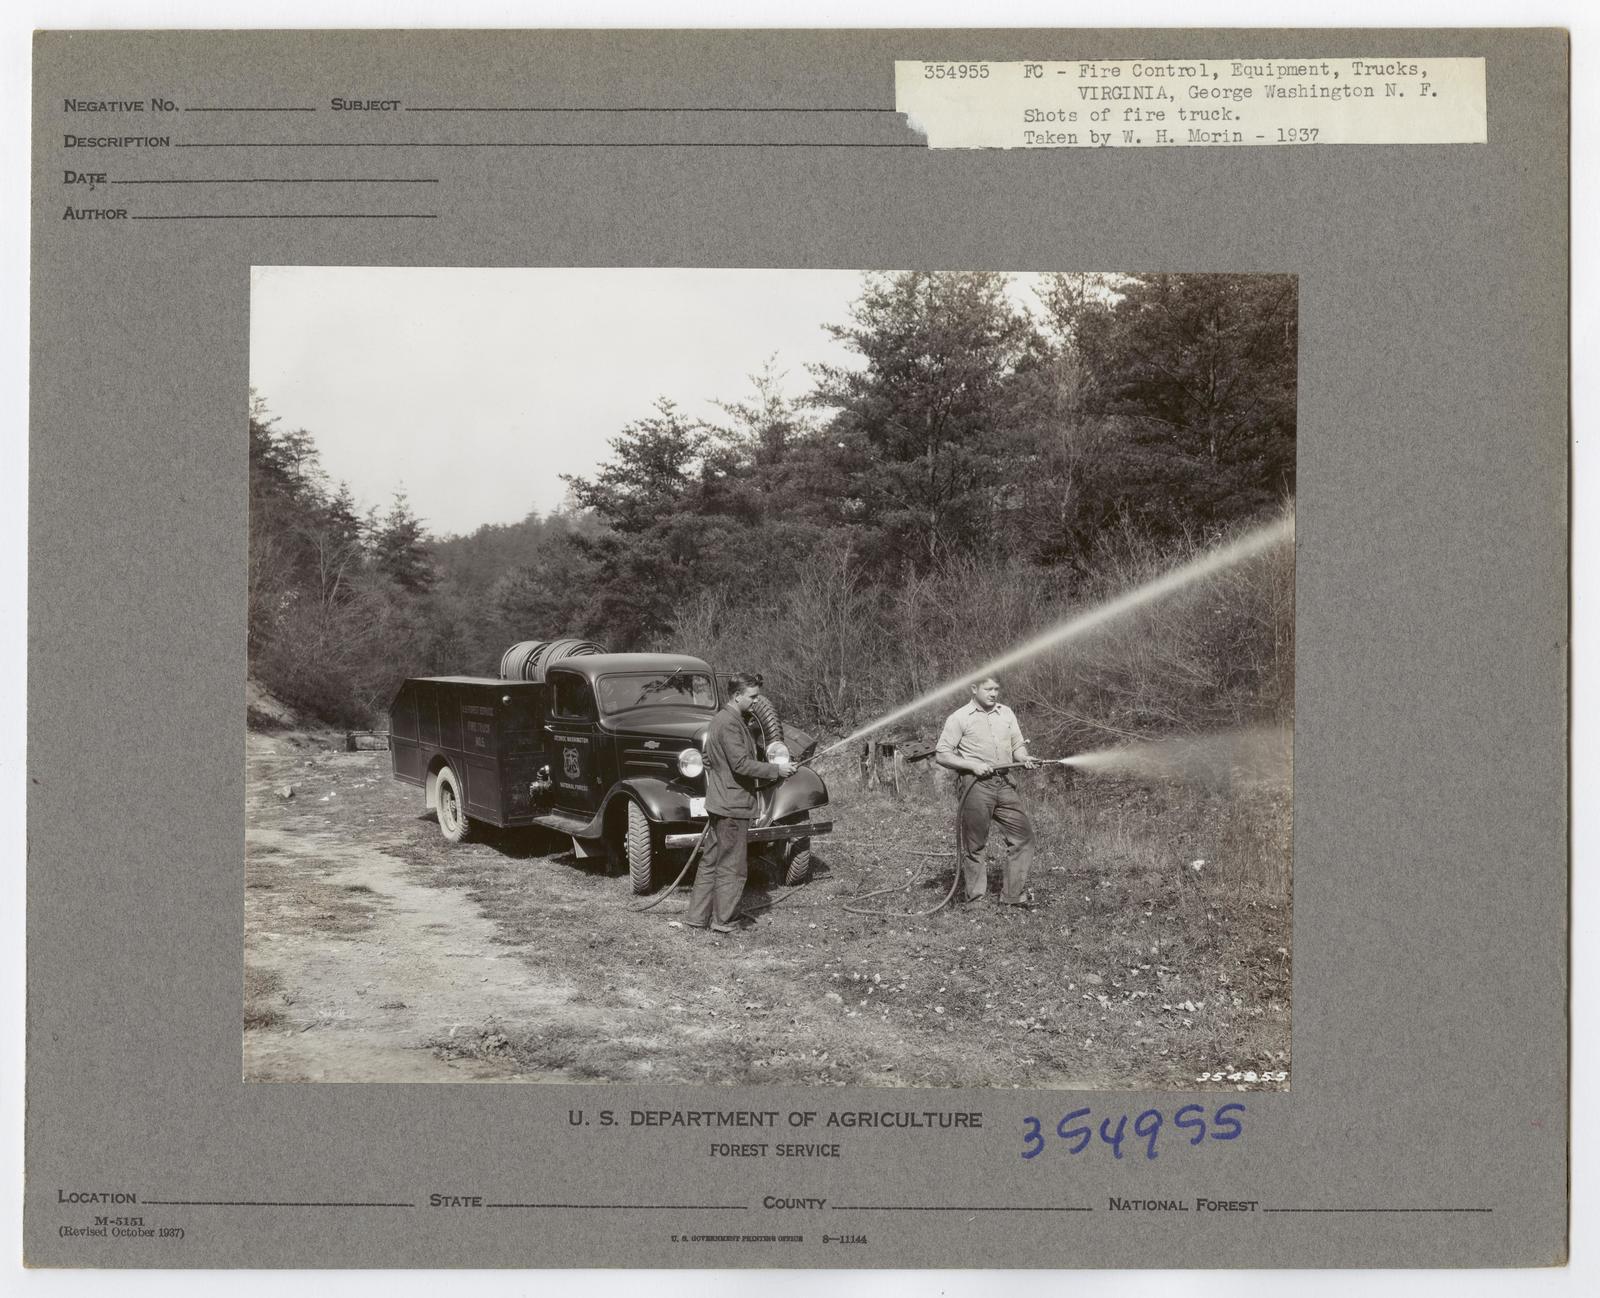 Forest Fire Equipment: Fire Trucks - Virginia